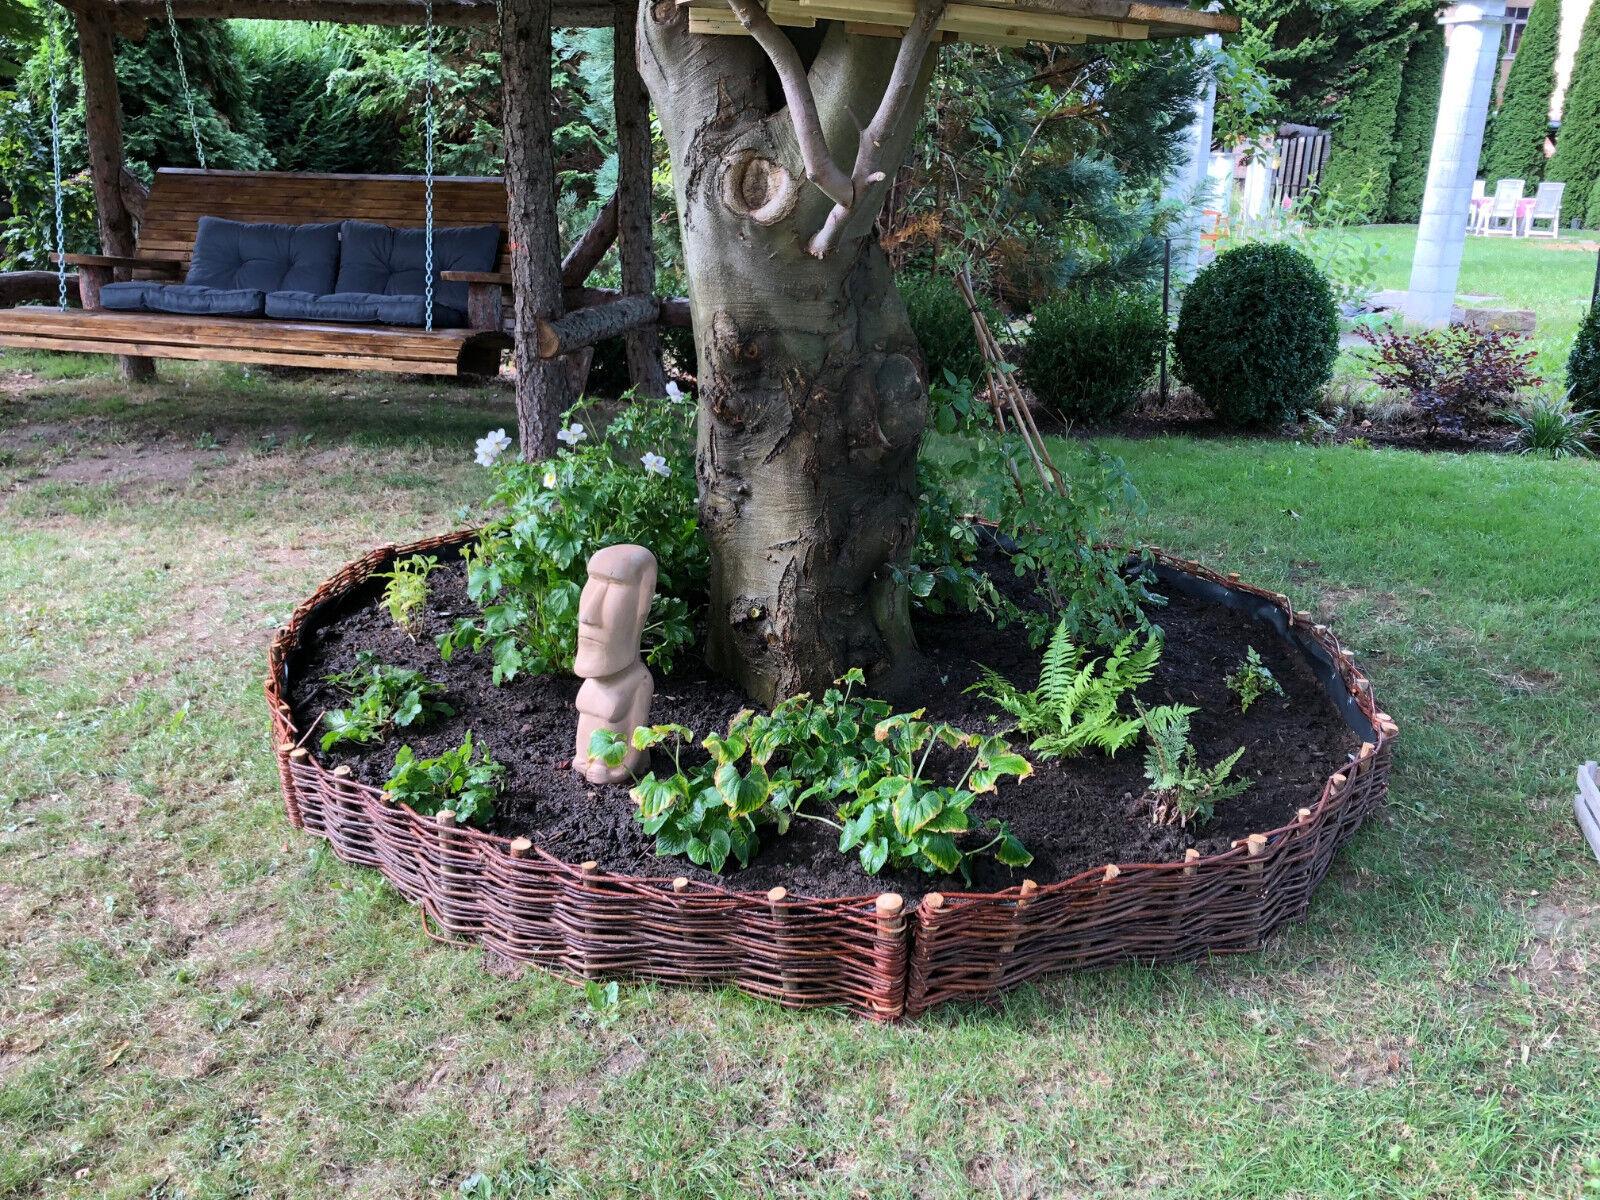 Beeteinfassung Weide Garten Beetumrandung Weiden Zaun Beet-Abgrenzung Steckzaun